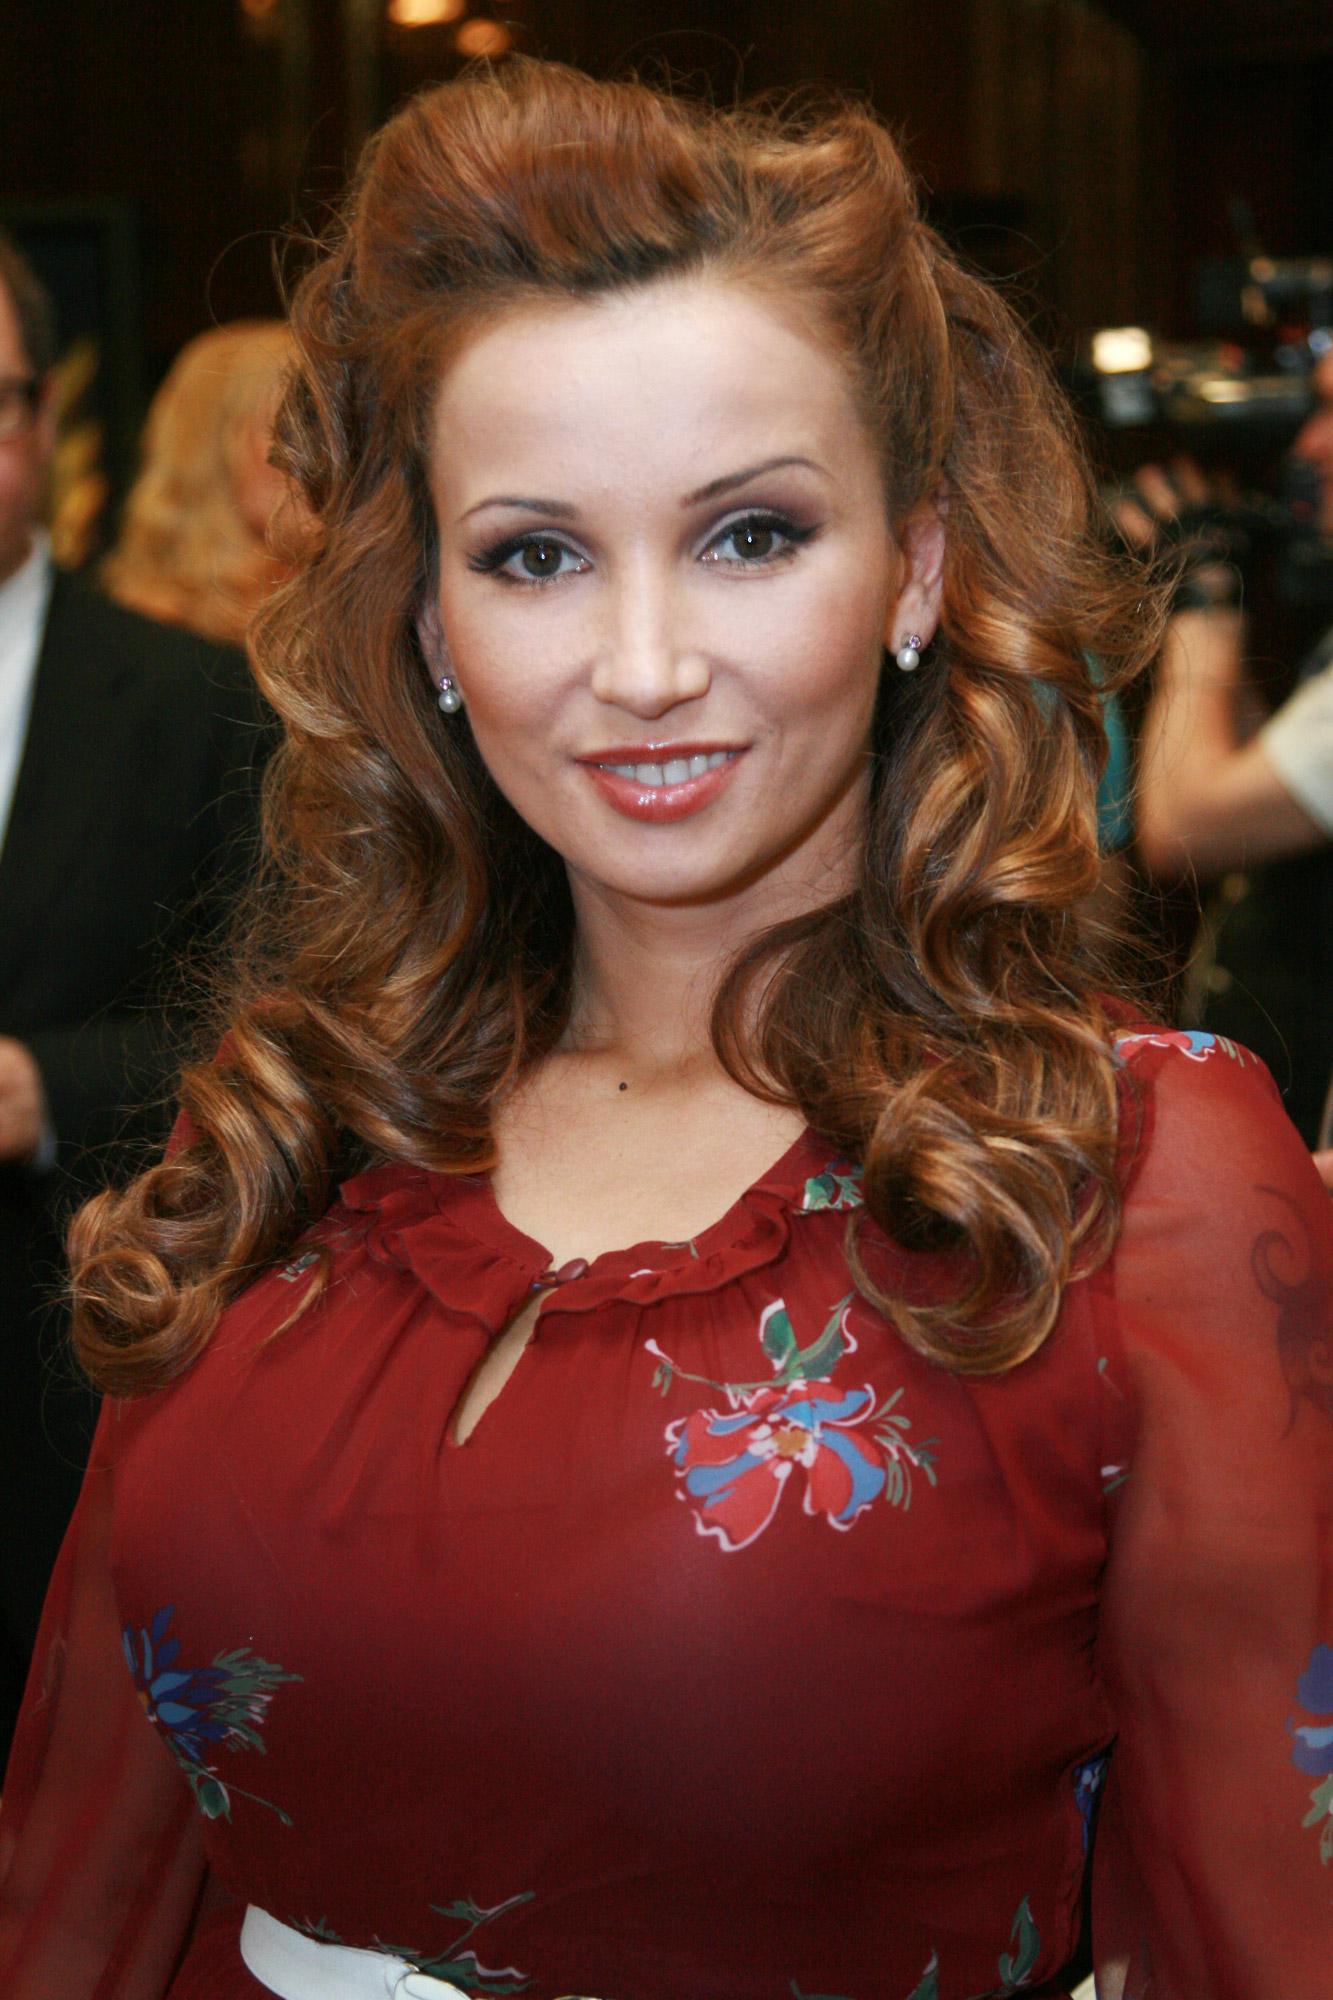 Голая Анфиса Чехова Фото голой Анфисы Чеховой